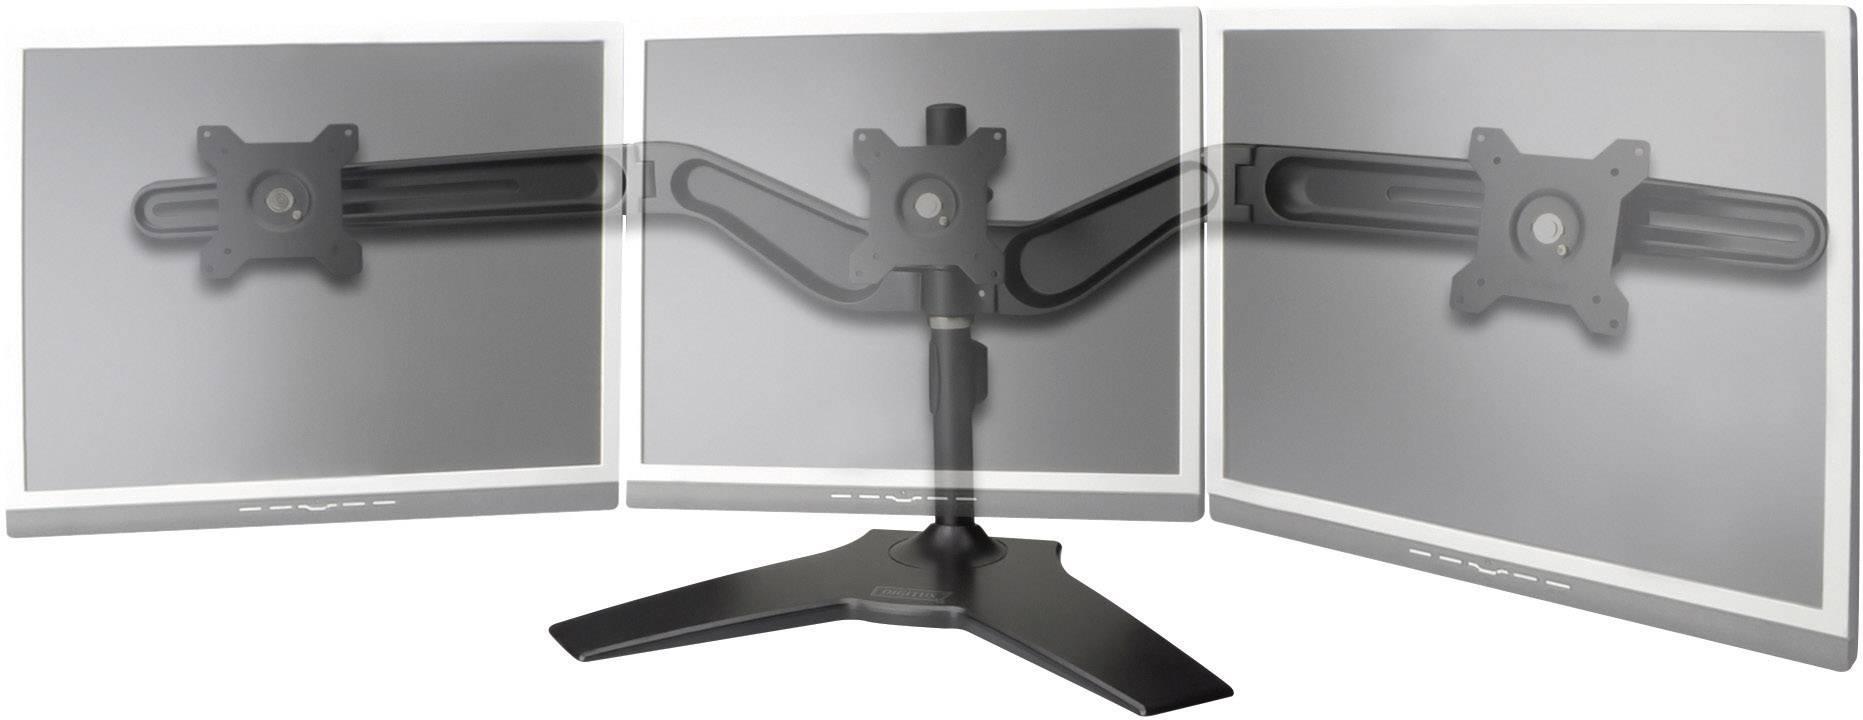 """Stolní držák na 3 monitory, 38 - 61 cm (15"""" - 24""""), černá, Digitus"""